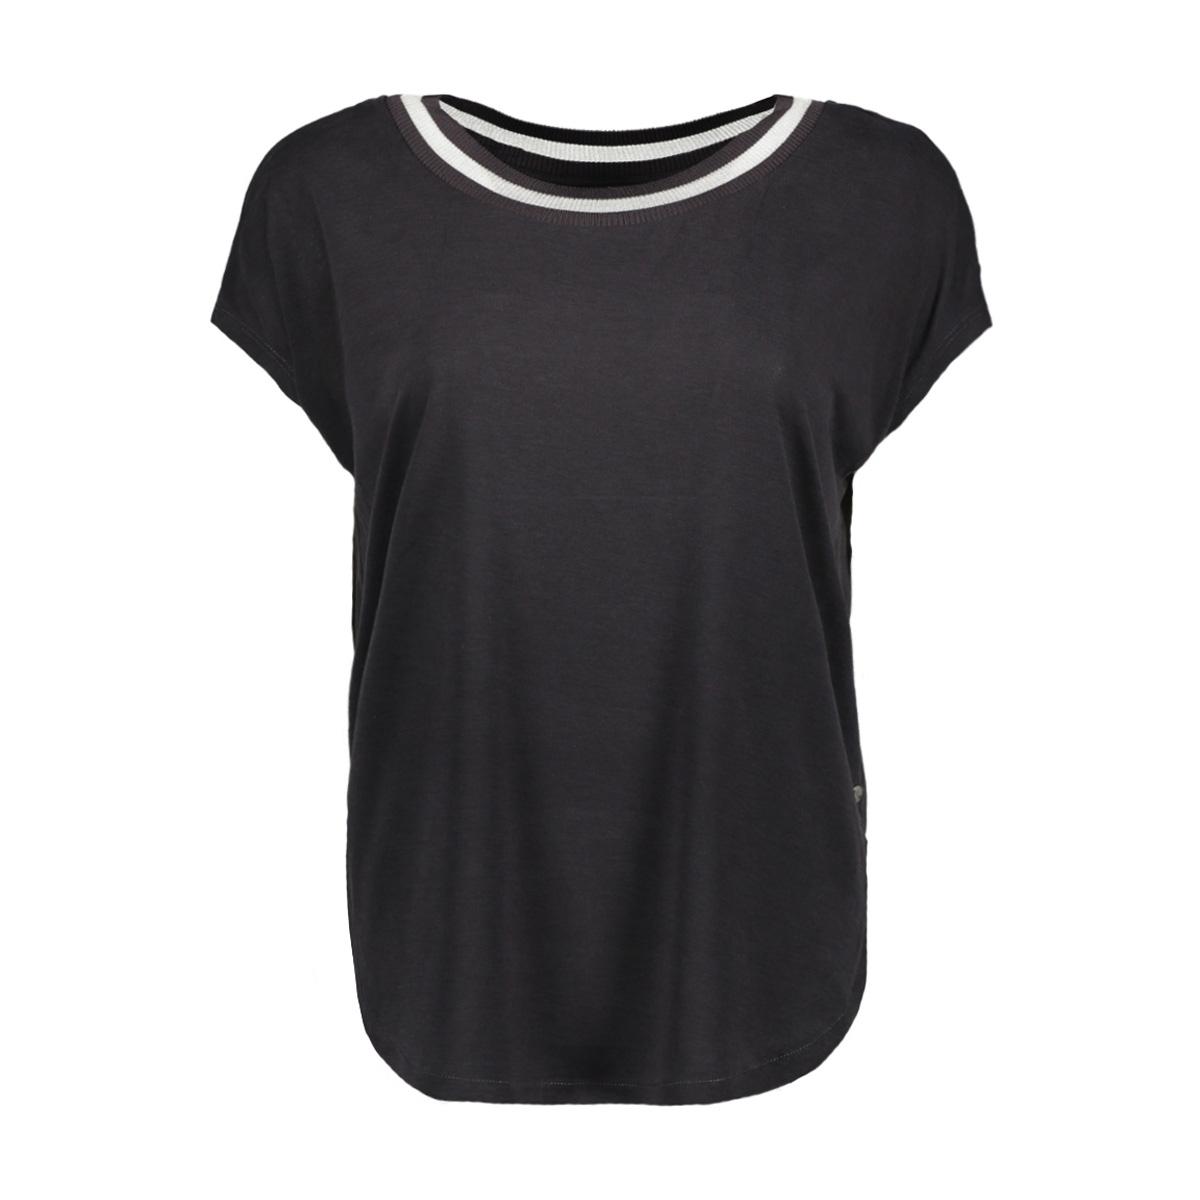 t shirt met gestreepte bies 21101736 sandwich t-shirt 80028